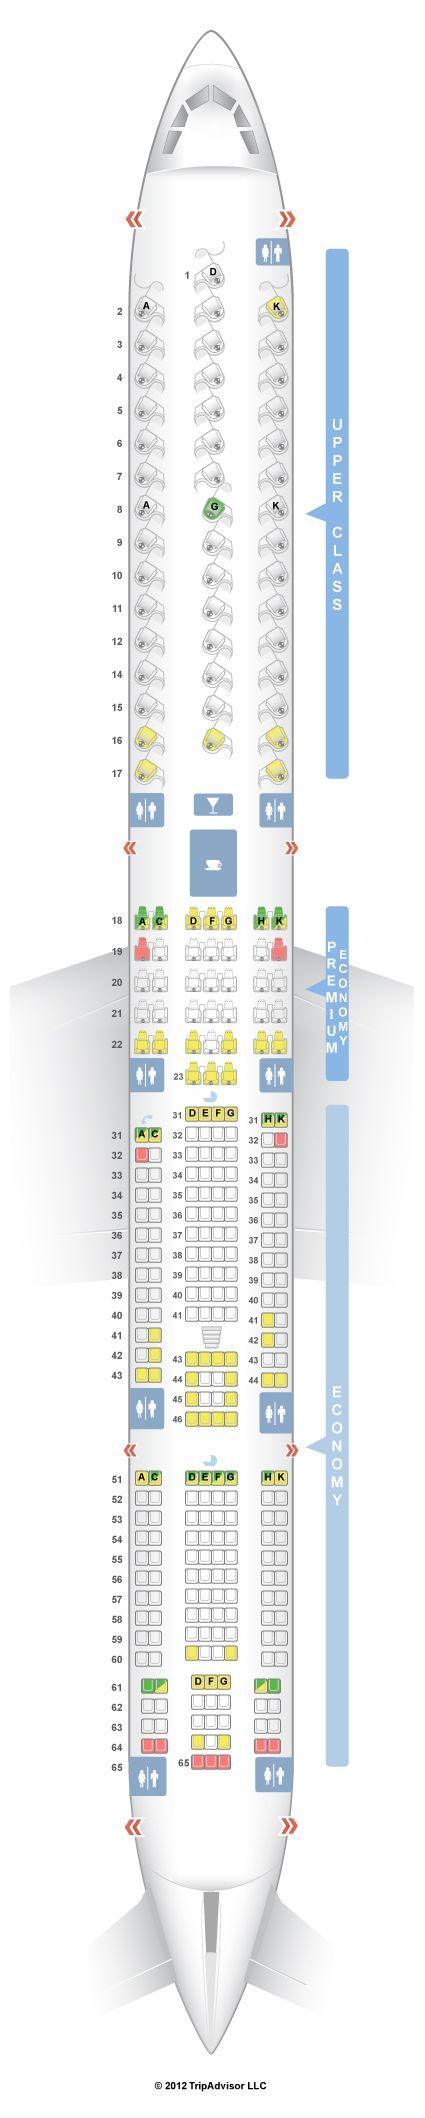 Delta 747 400 Seat 51a Brokeasshome Com